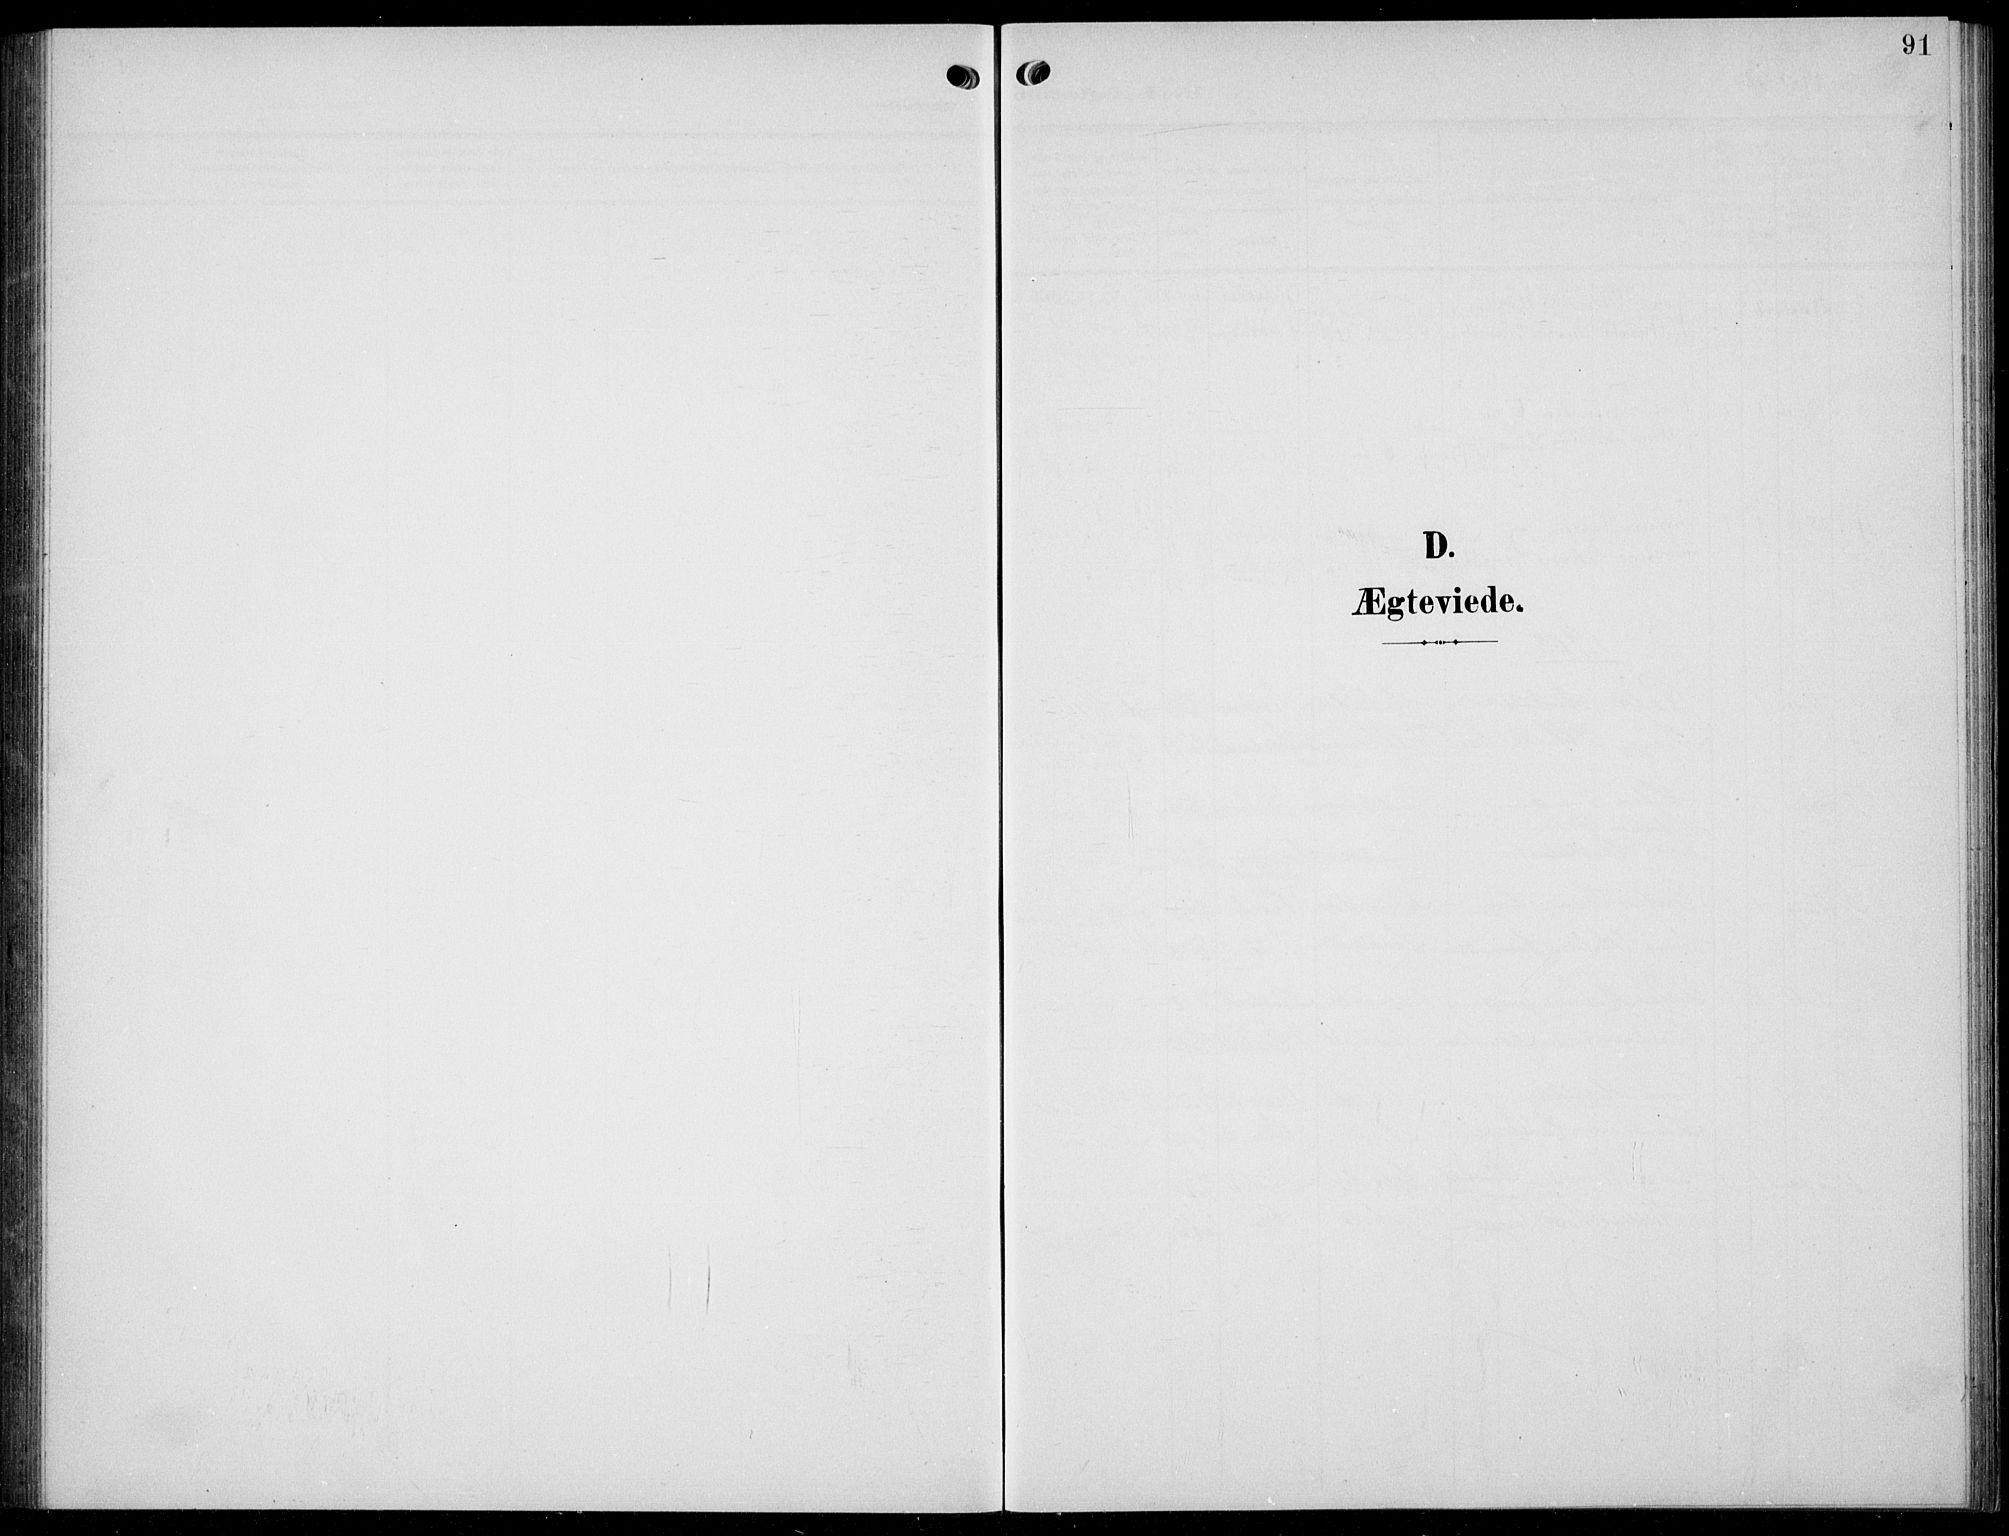 SAKO, Solum kirkebøker, G/Gc/L0002: Klokkerbok nr. III 2, 1902-1934, s. 91